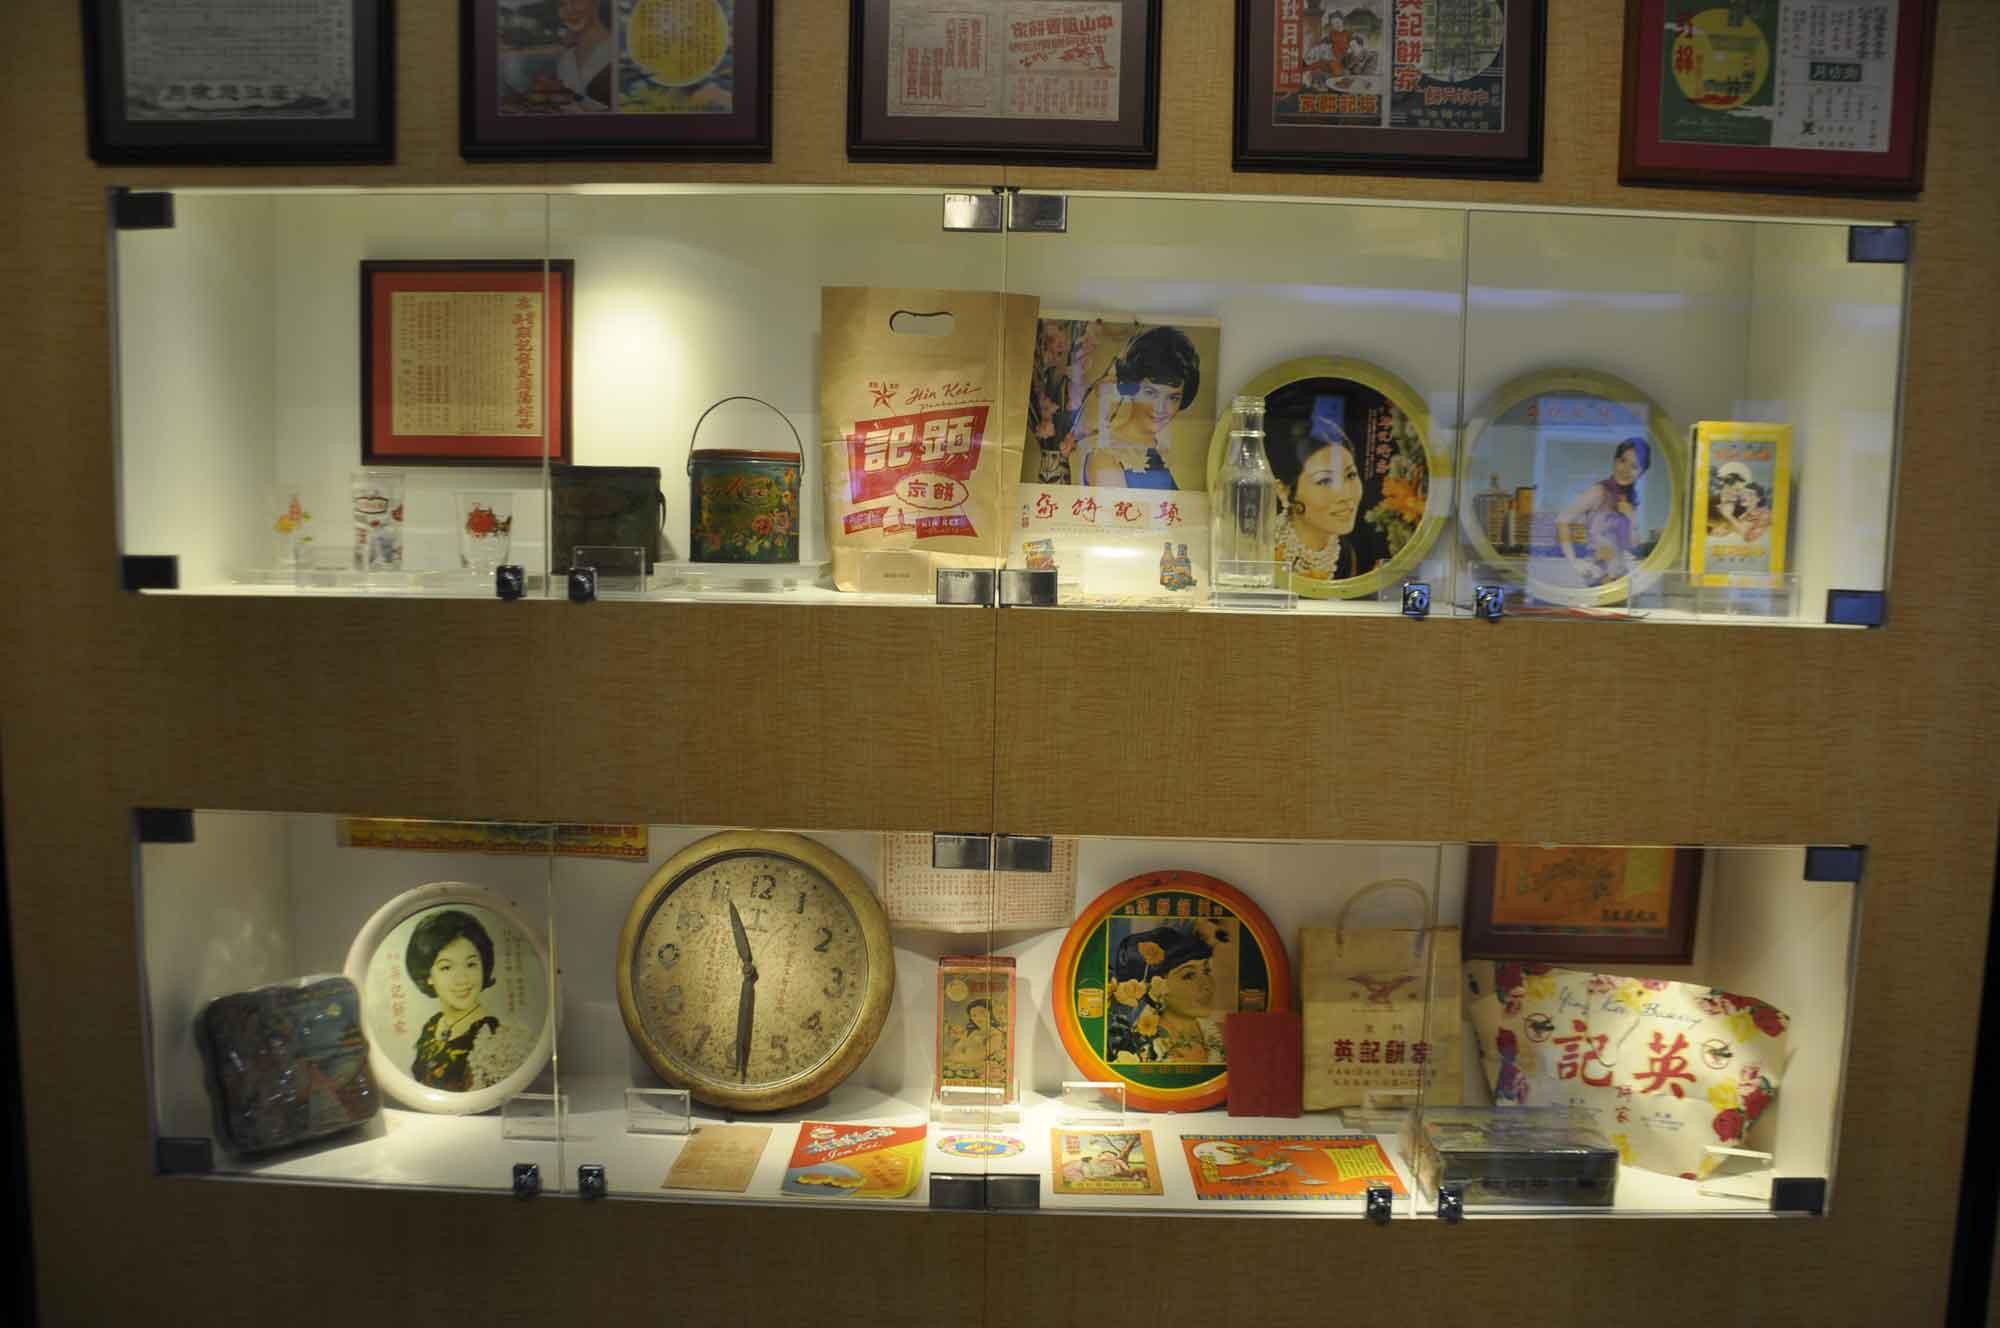 Pastelaria Koi Kei exhibits